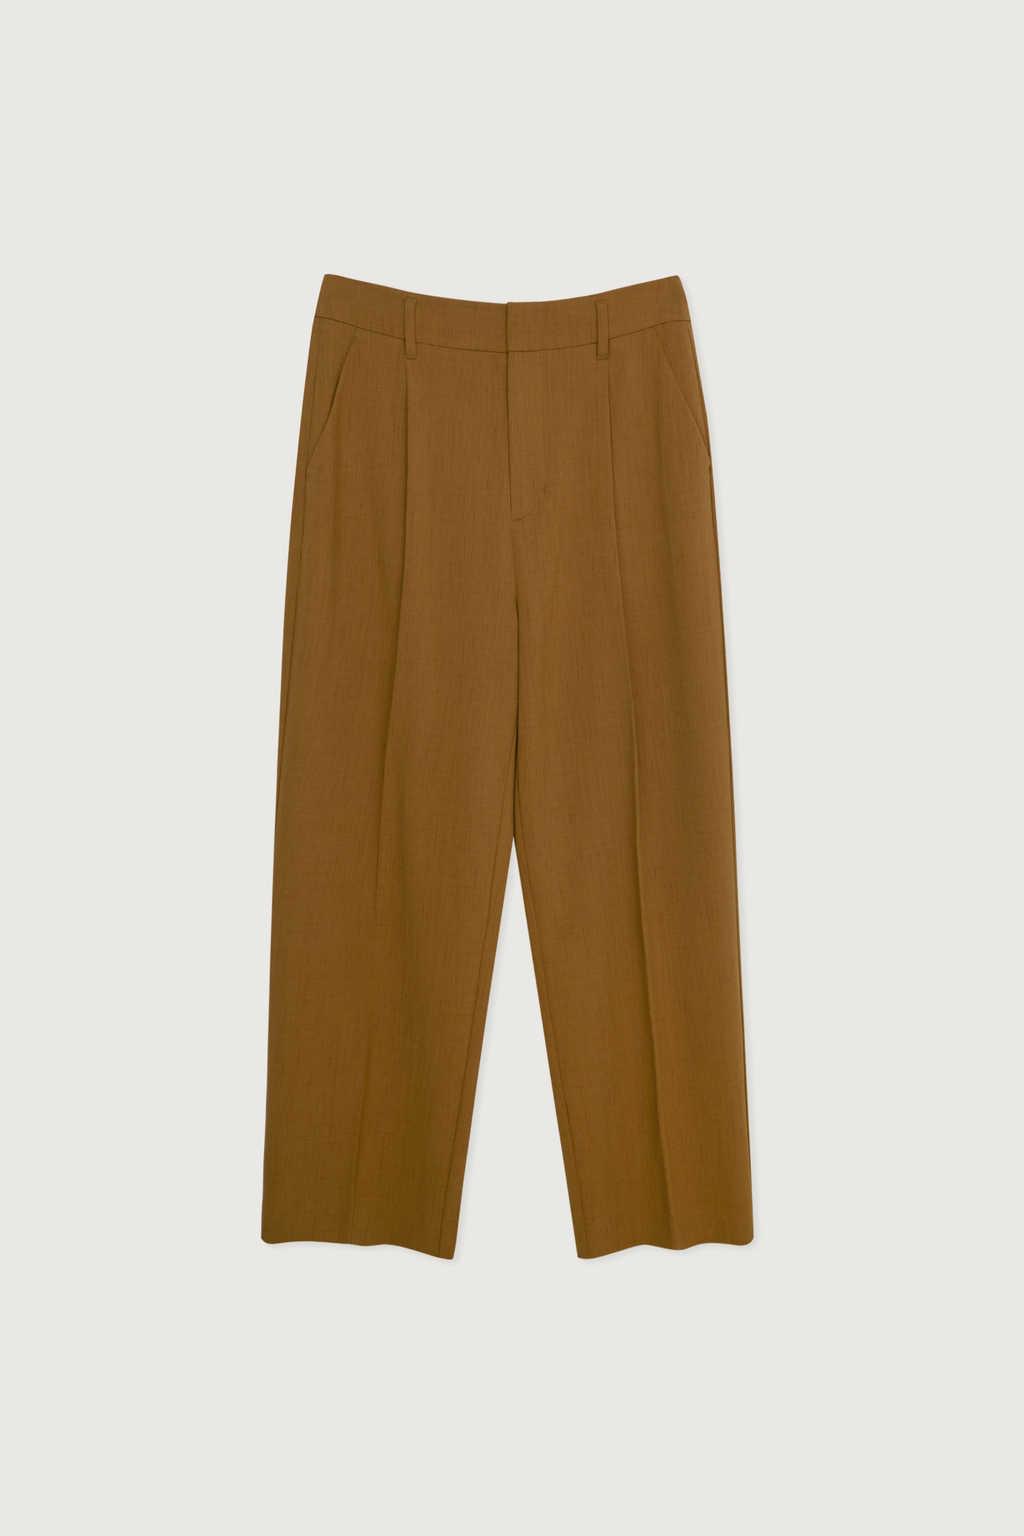 Pant 3182 Camel 5